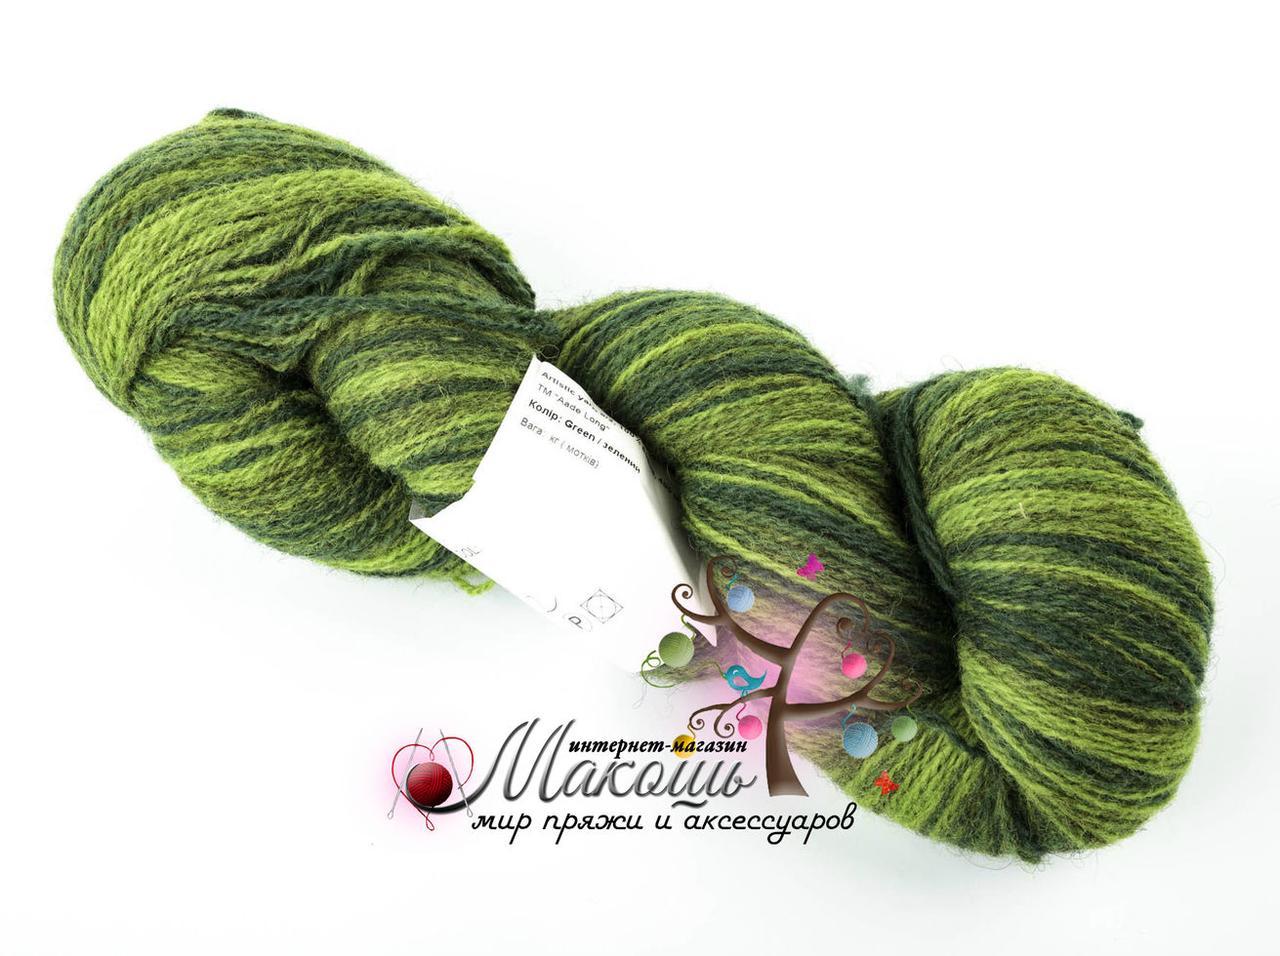 Пряжа Aade Long Kauni Artisric Yarn 8/2  Кауни Арстистик Ярн 8/2, зеленый, цена за 100 грамм